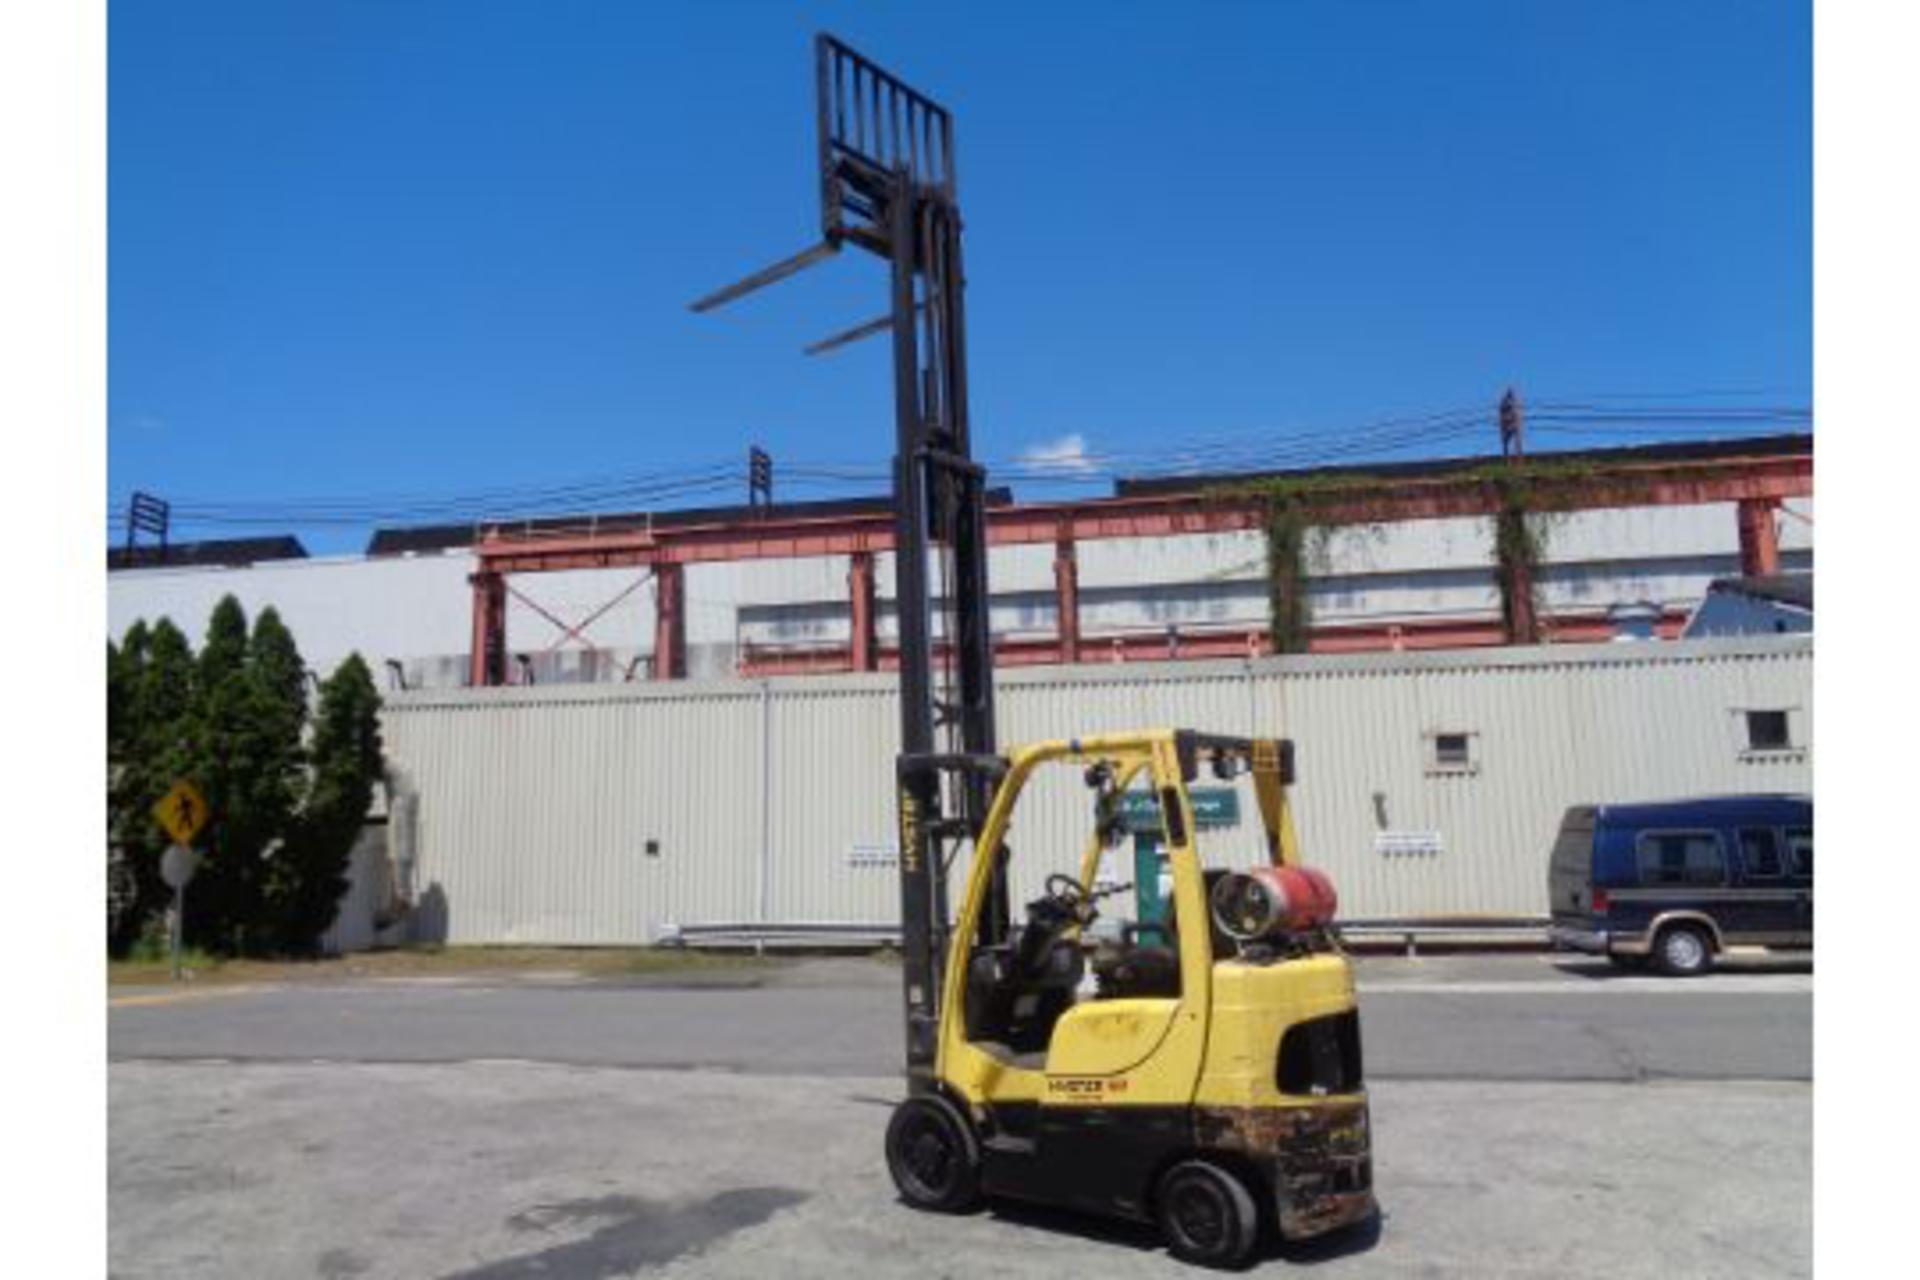 Lot 16 - 2012 Hyster S50FT 5,000lb Forklift